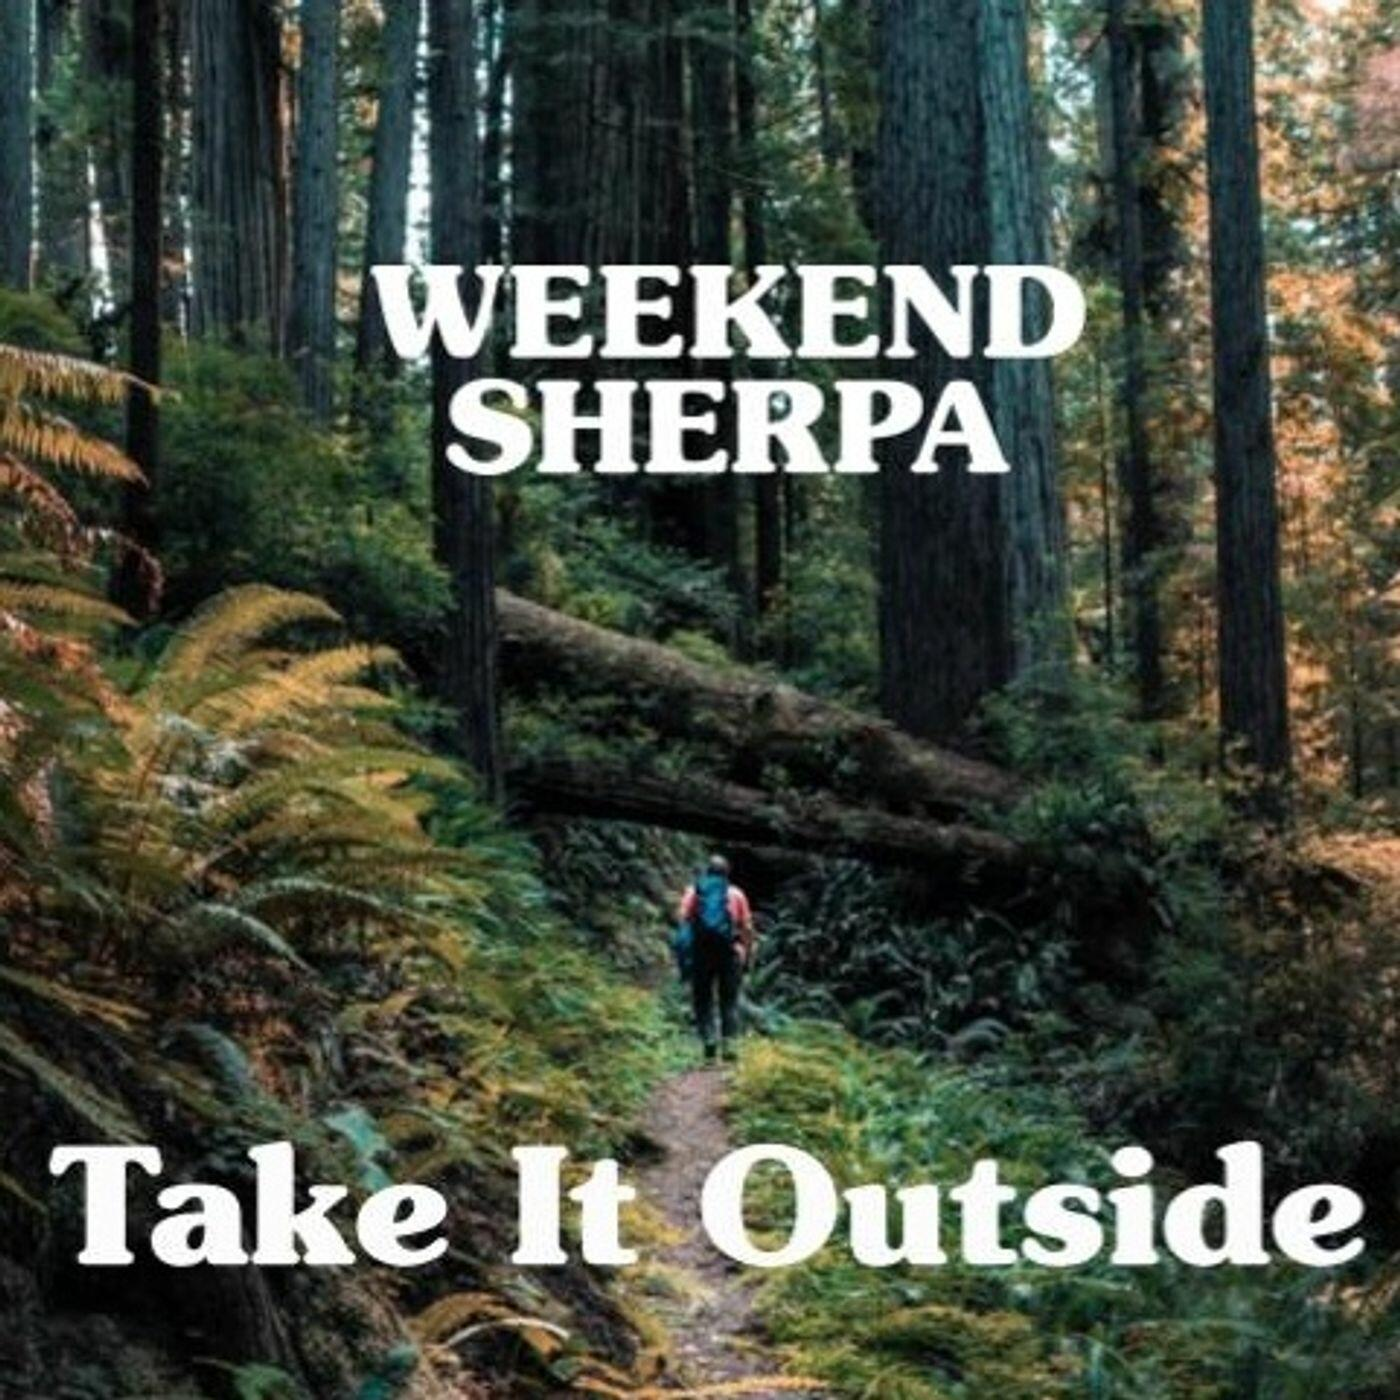 Weekend Sherpa: Take It Outside